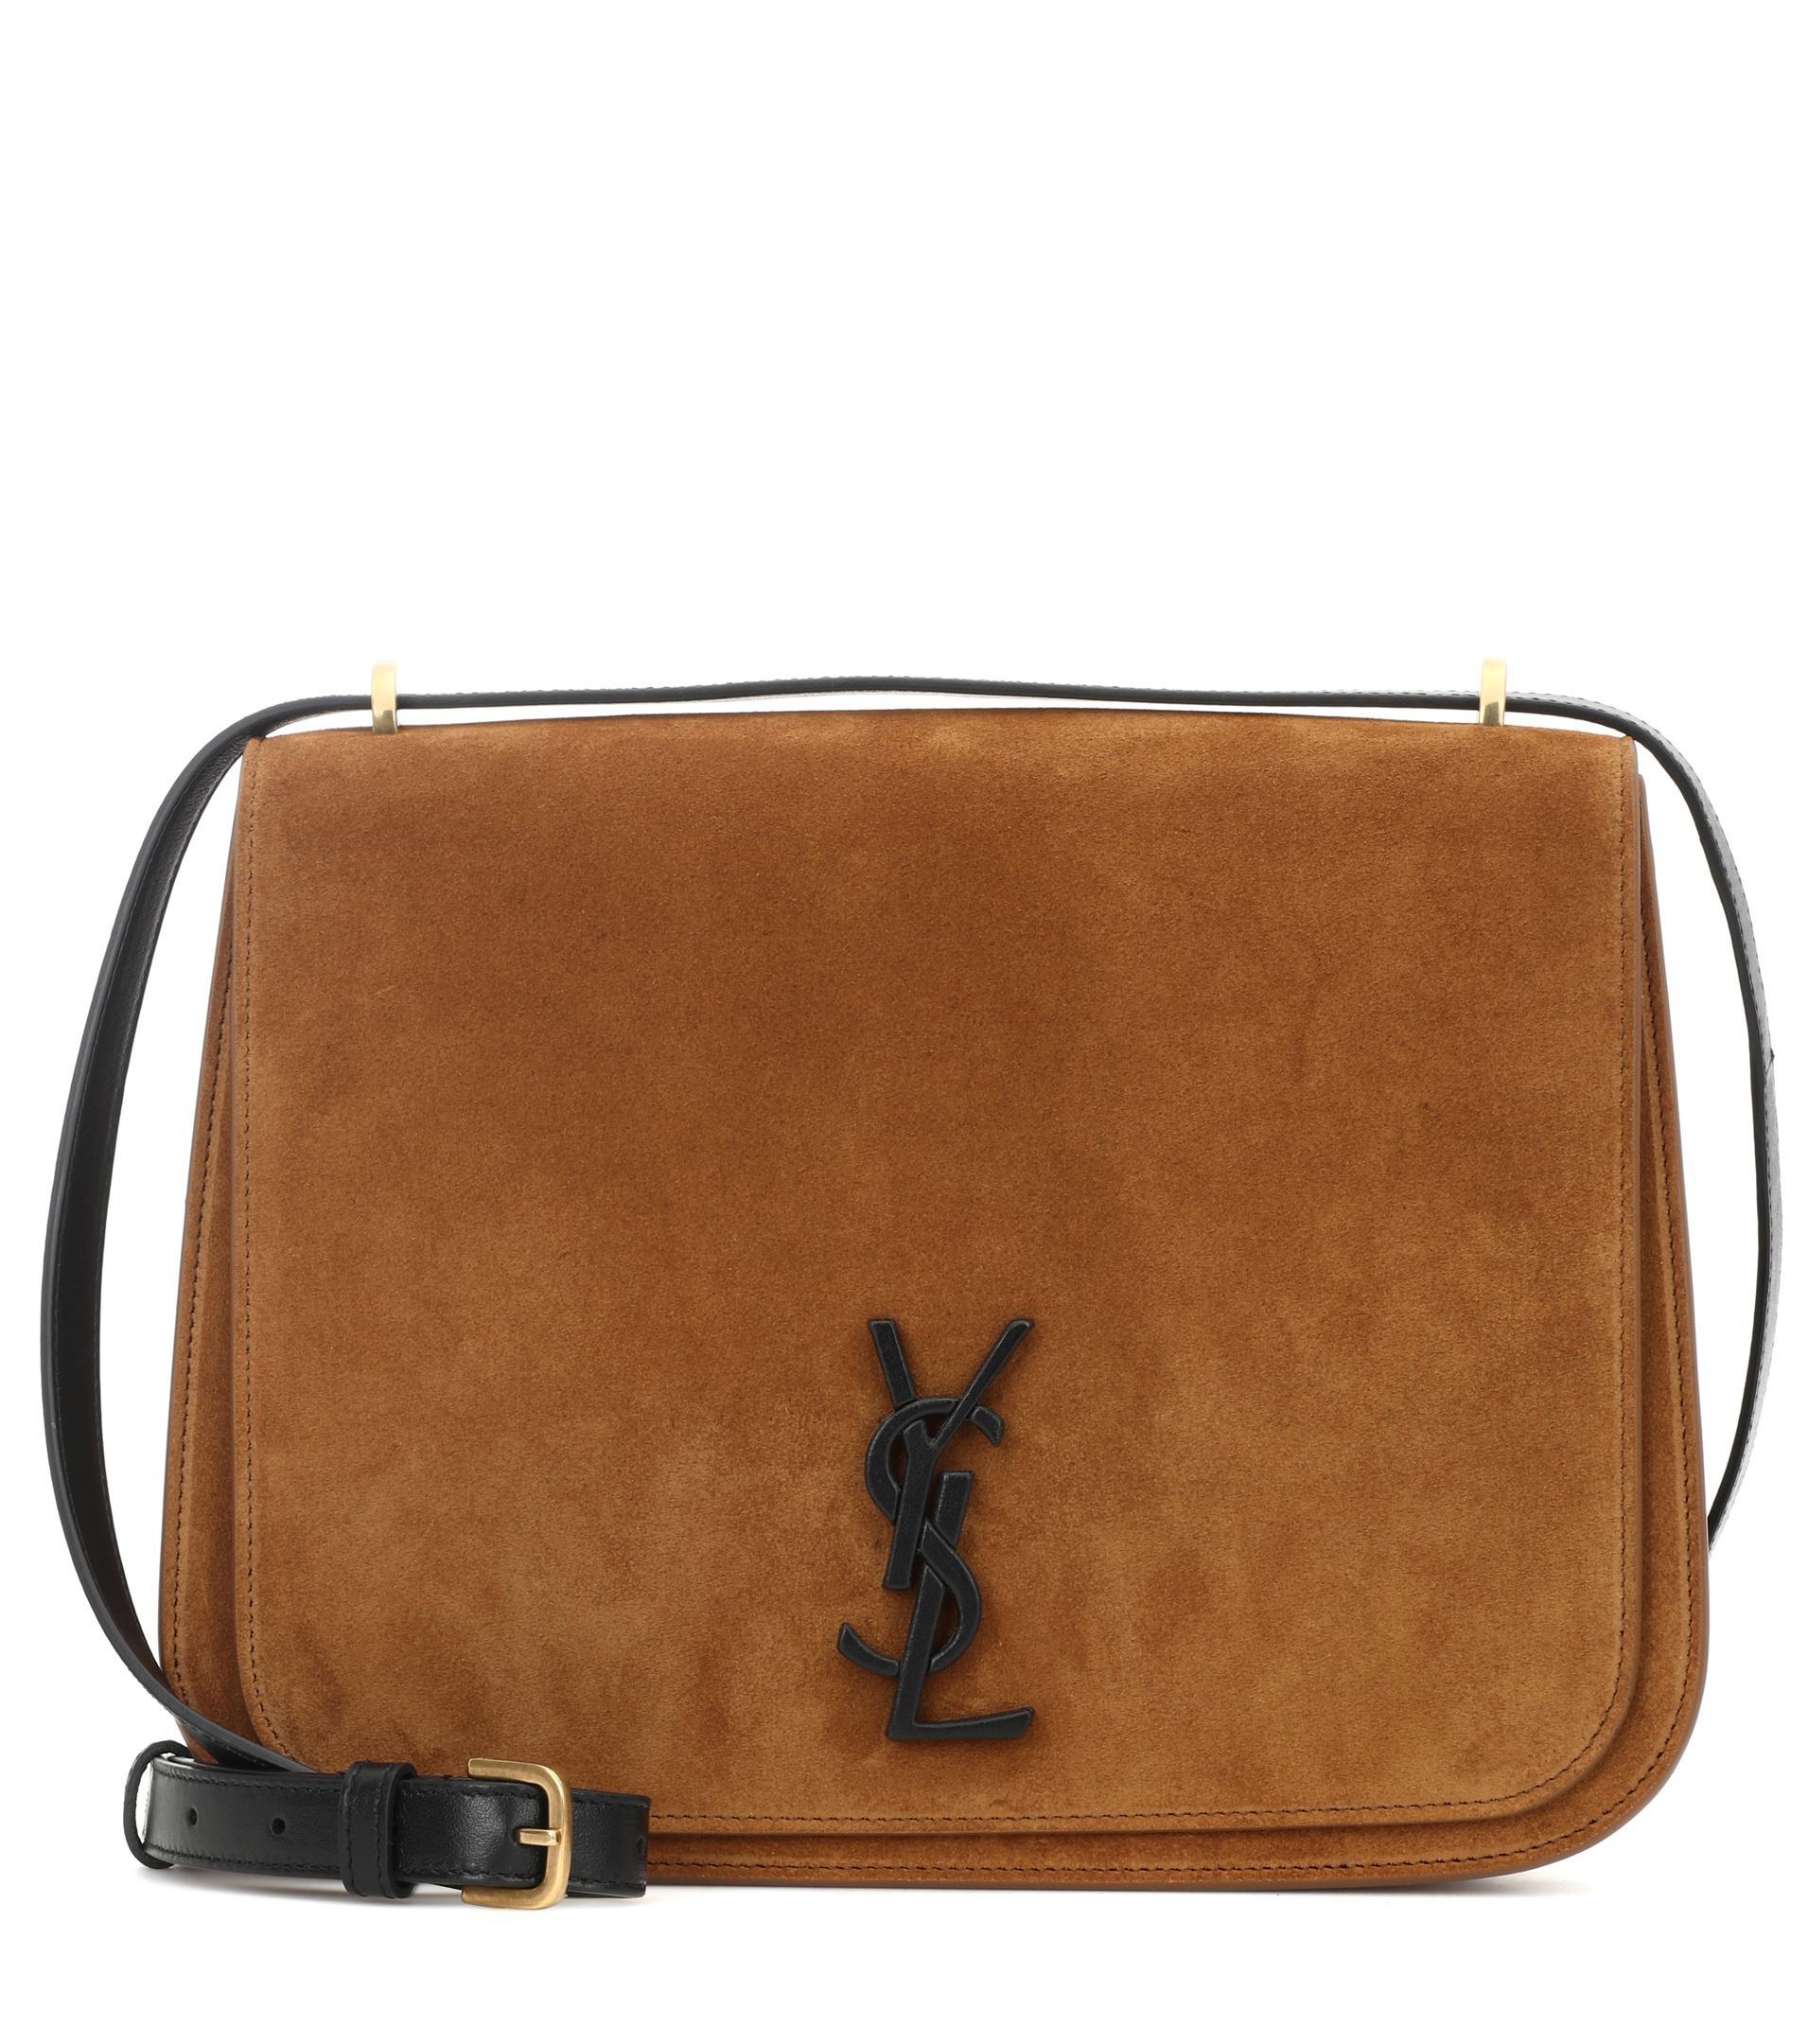 c14de0aaa3 Lyst - Saint Laurent Medium Spontini Shoulder Bag in Brown